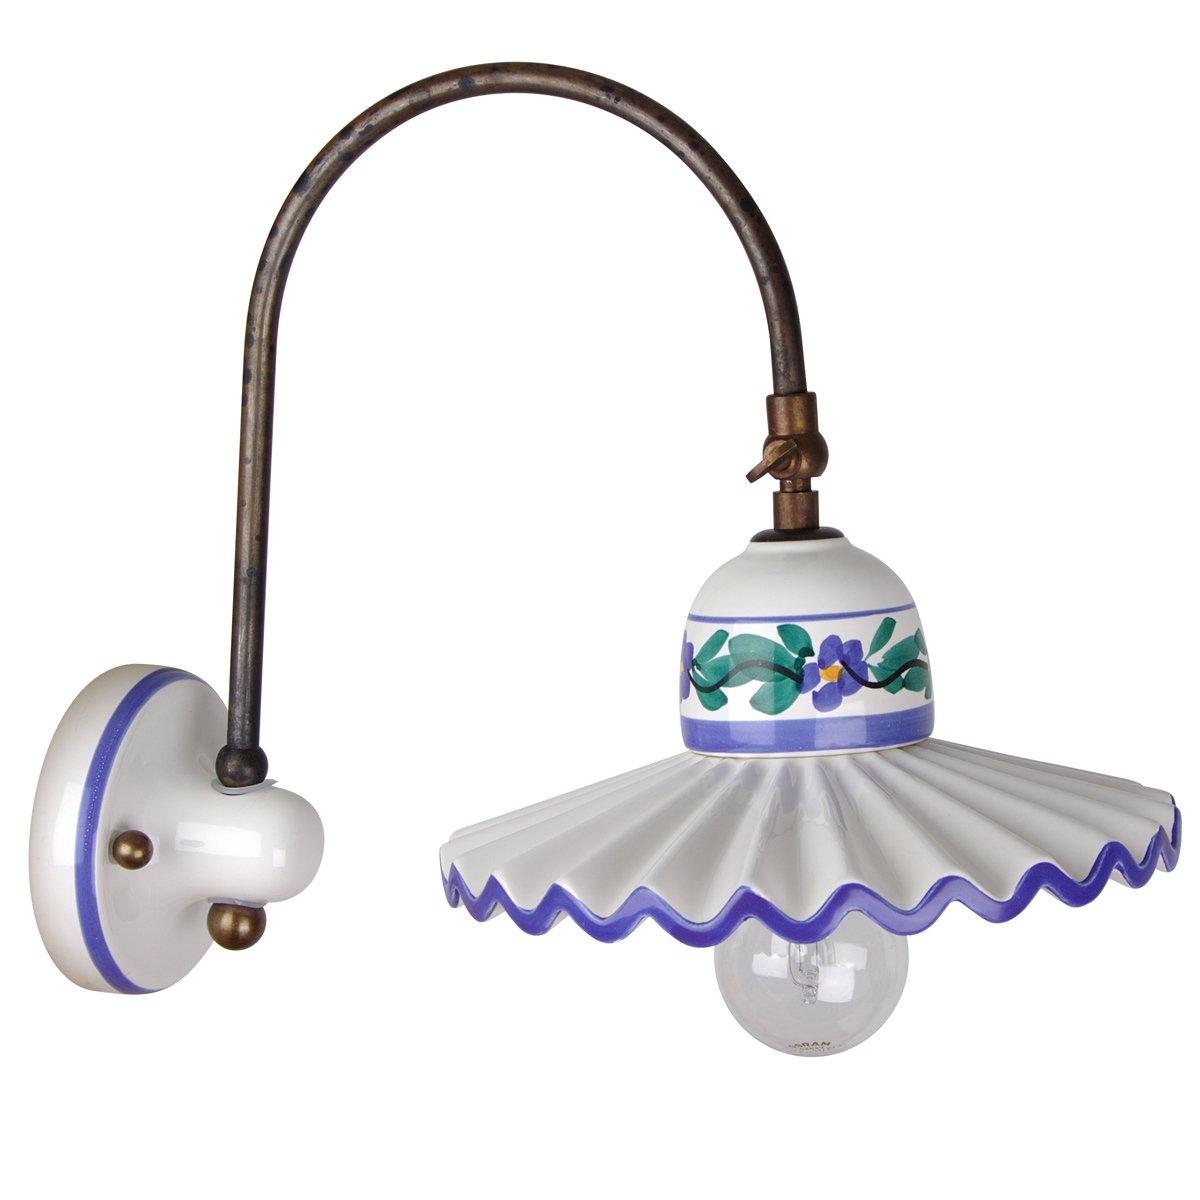 nostalgische wandleuchte im italienischen landhausstil g nstig kaufen bei lampen suntinger shop. Black Bedroom Furniture Sets. Home Design Ideas